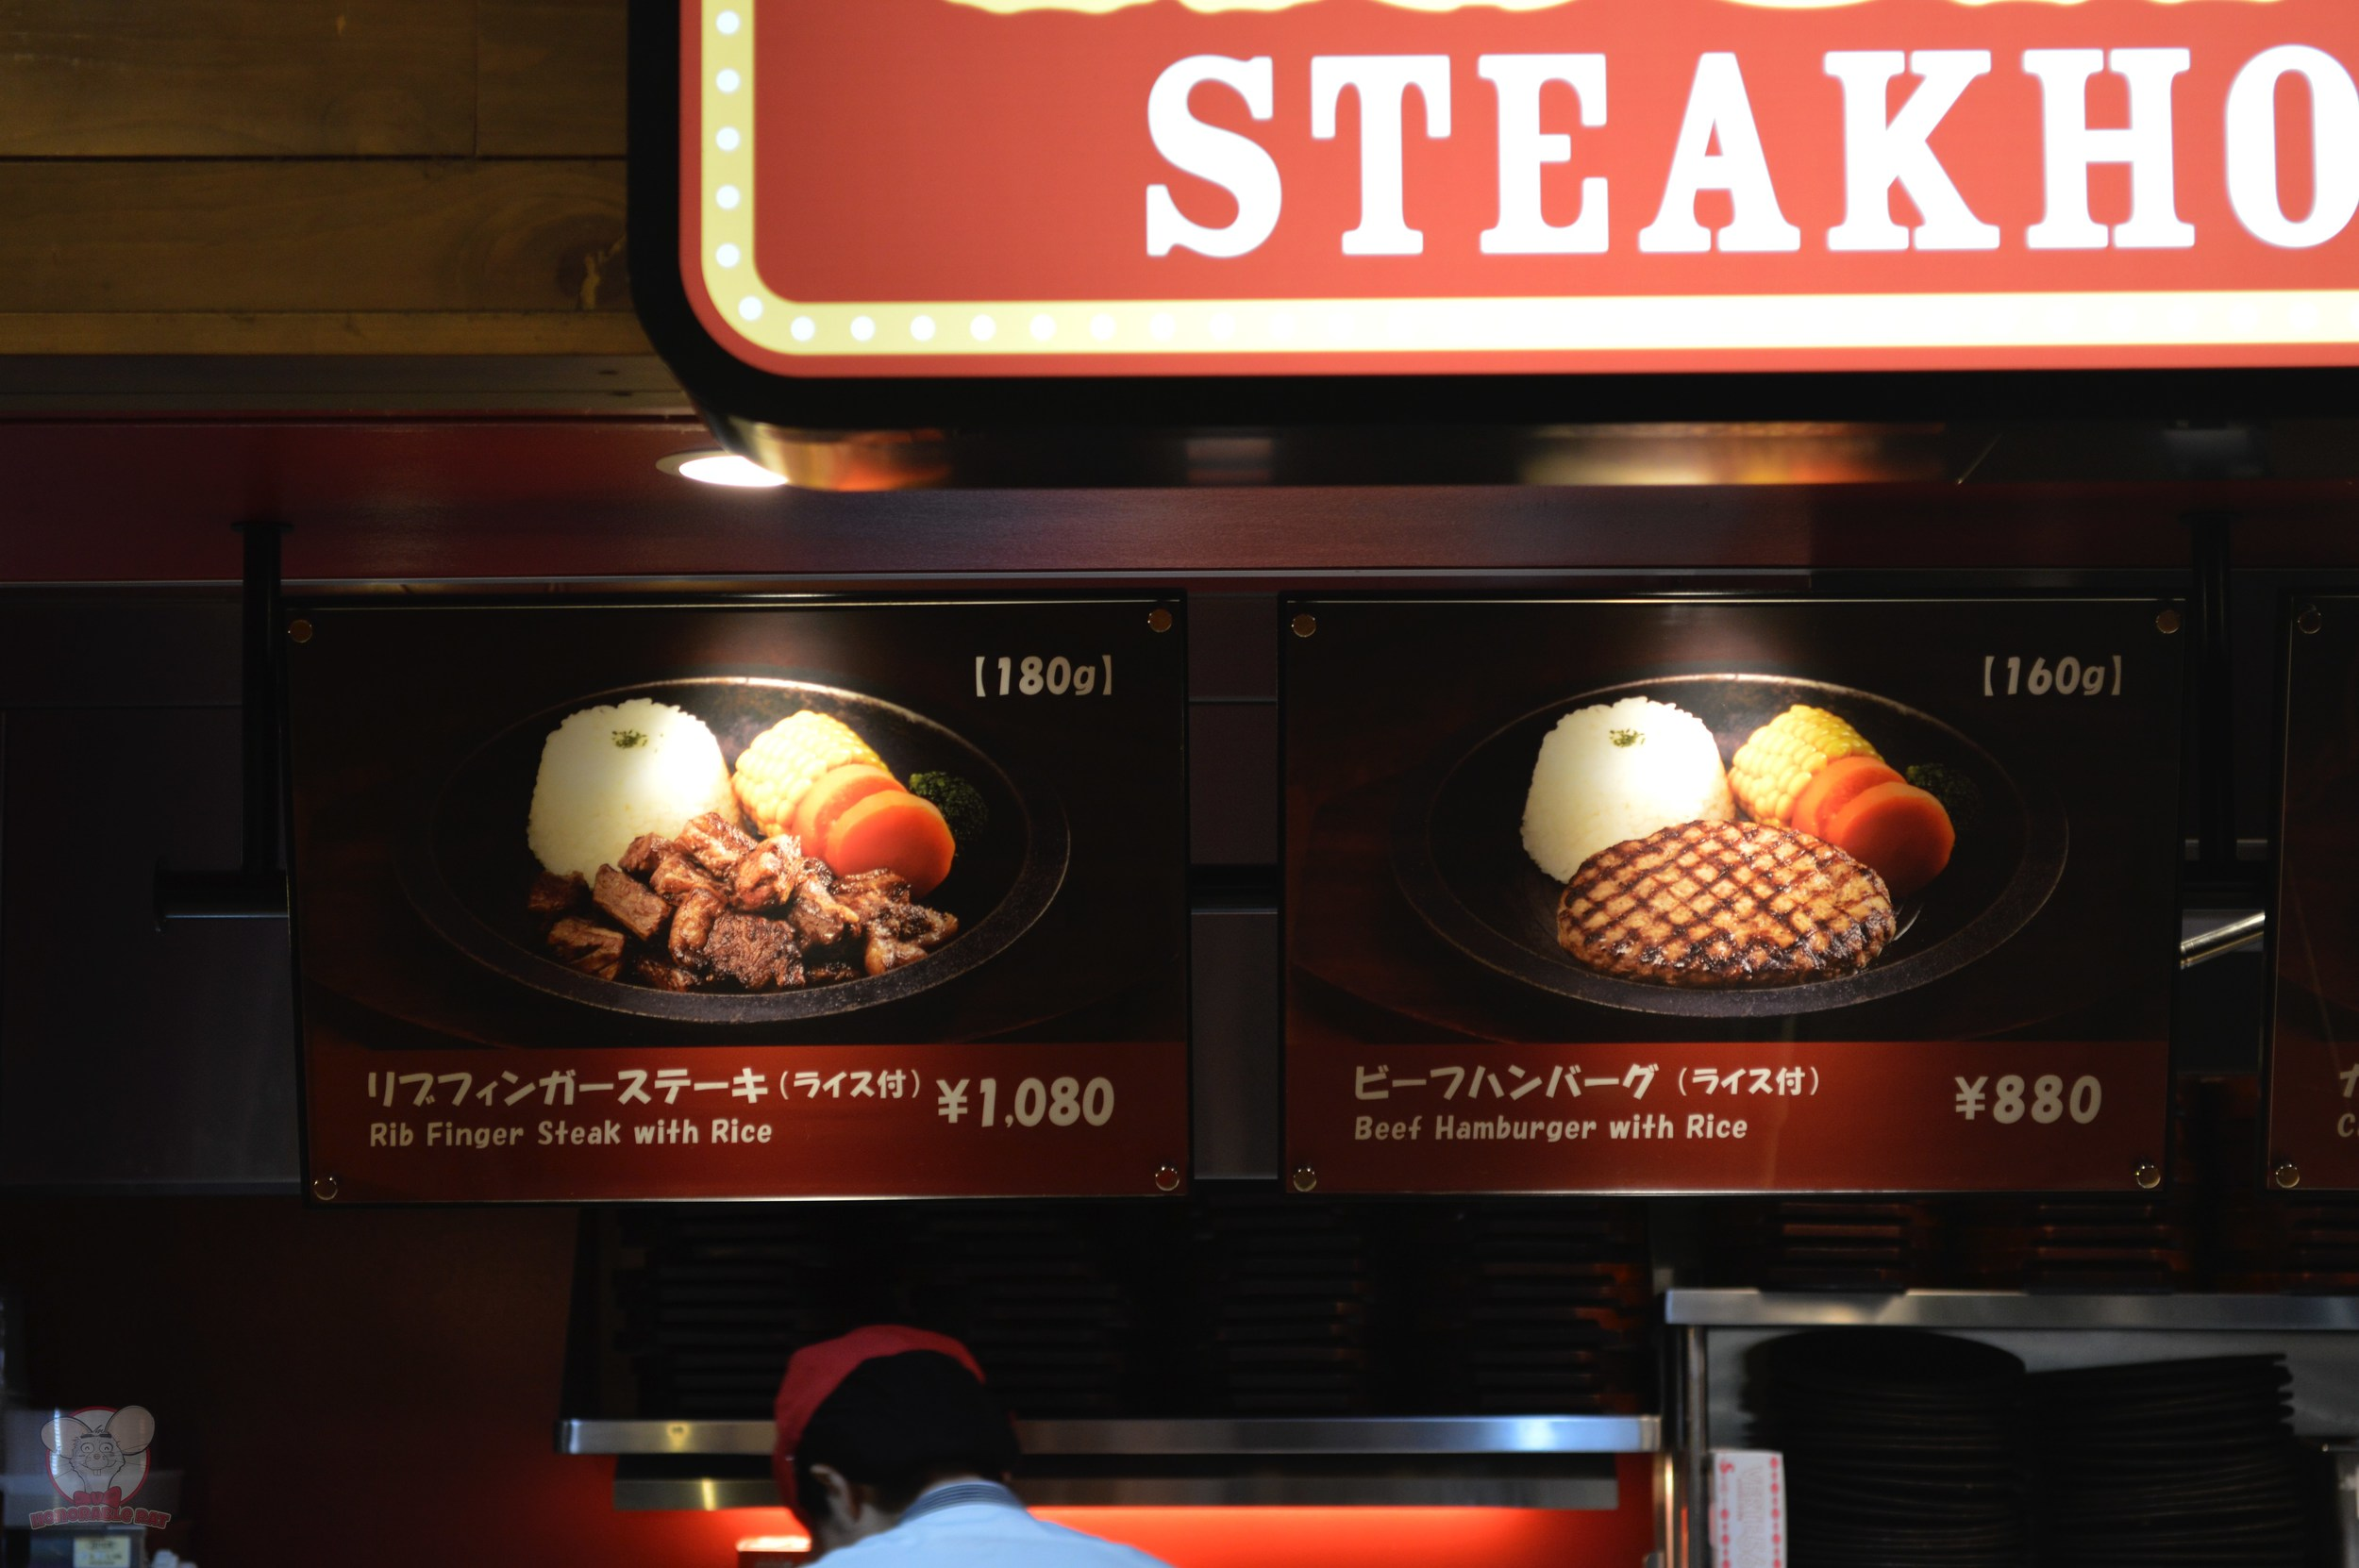 Rocky's Steakhouse Menu: A